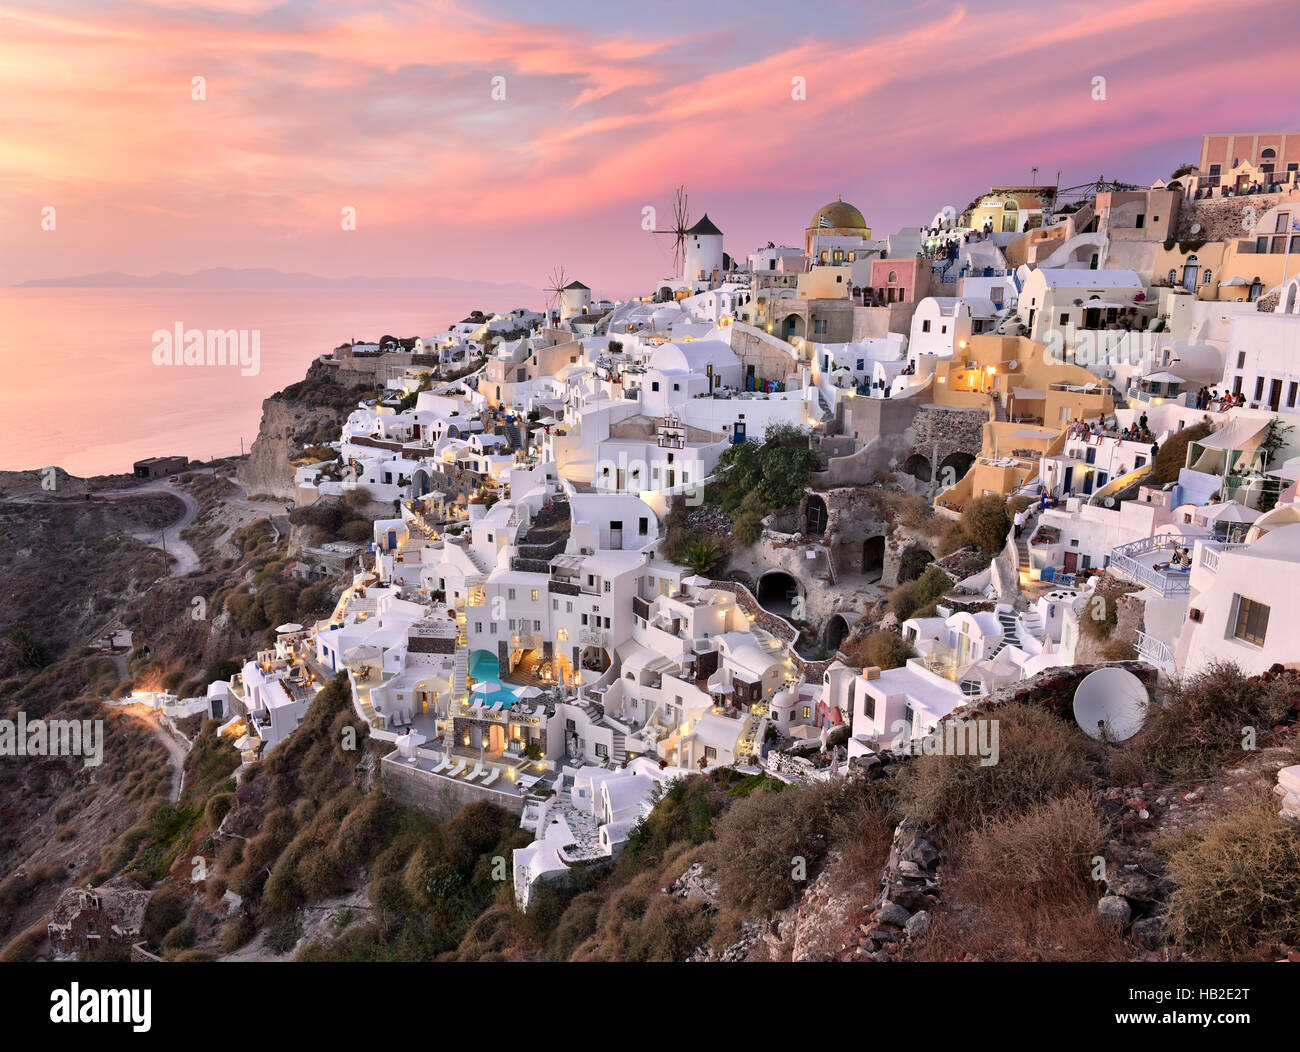 Oia Village dans le style des Cyclades à Santorin, Grèce, lors d'un coucher de soleil rose. Photo Stock